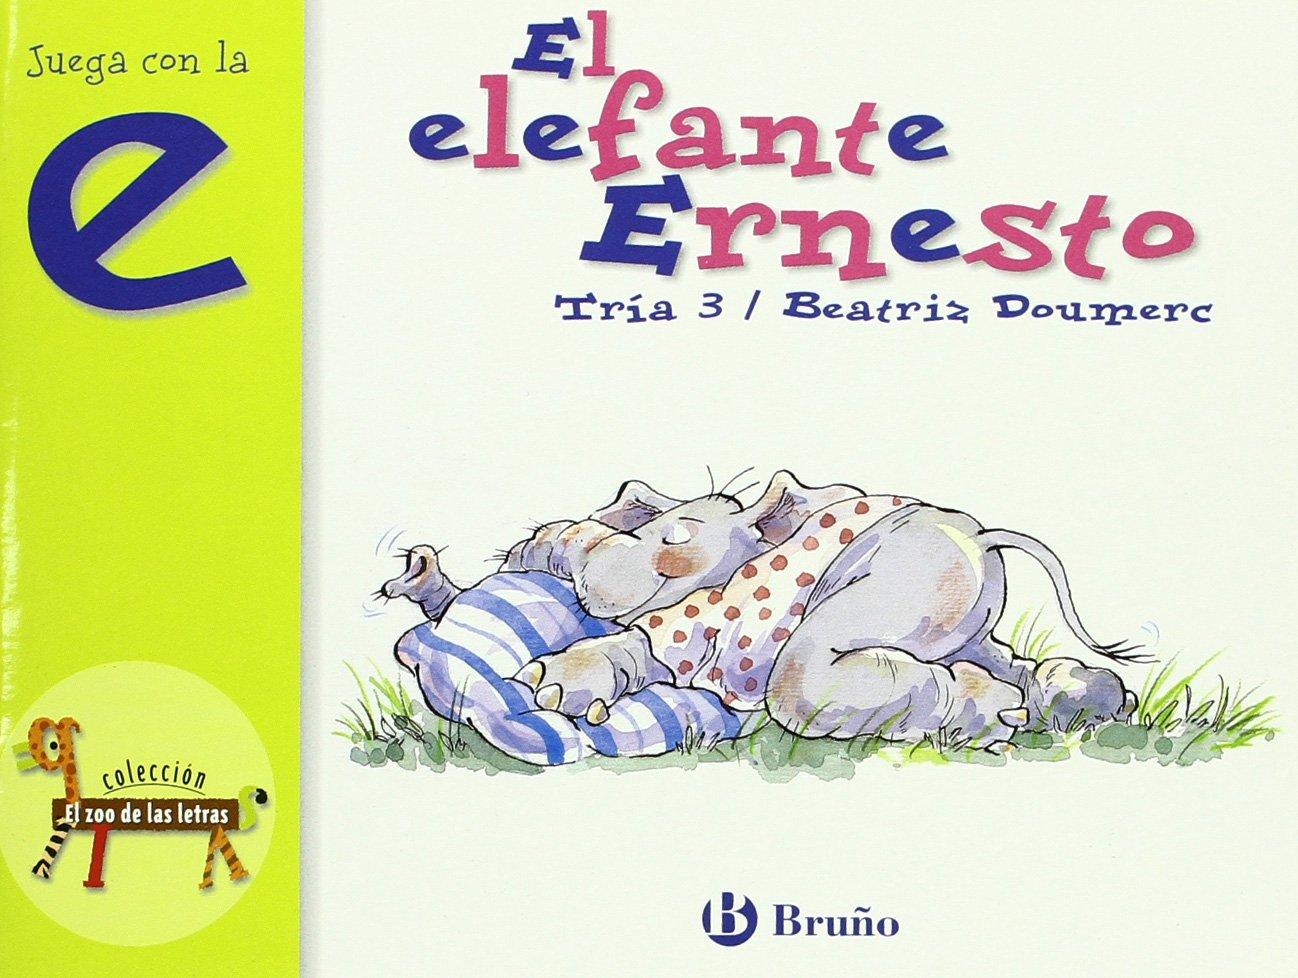 Buy El Elefante Ernesto The Elephant Ernesto Juega Con La E Play With The E El Zoo De Las Letras The Zoo Of The Letters Book Online At Low